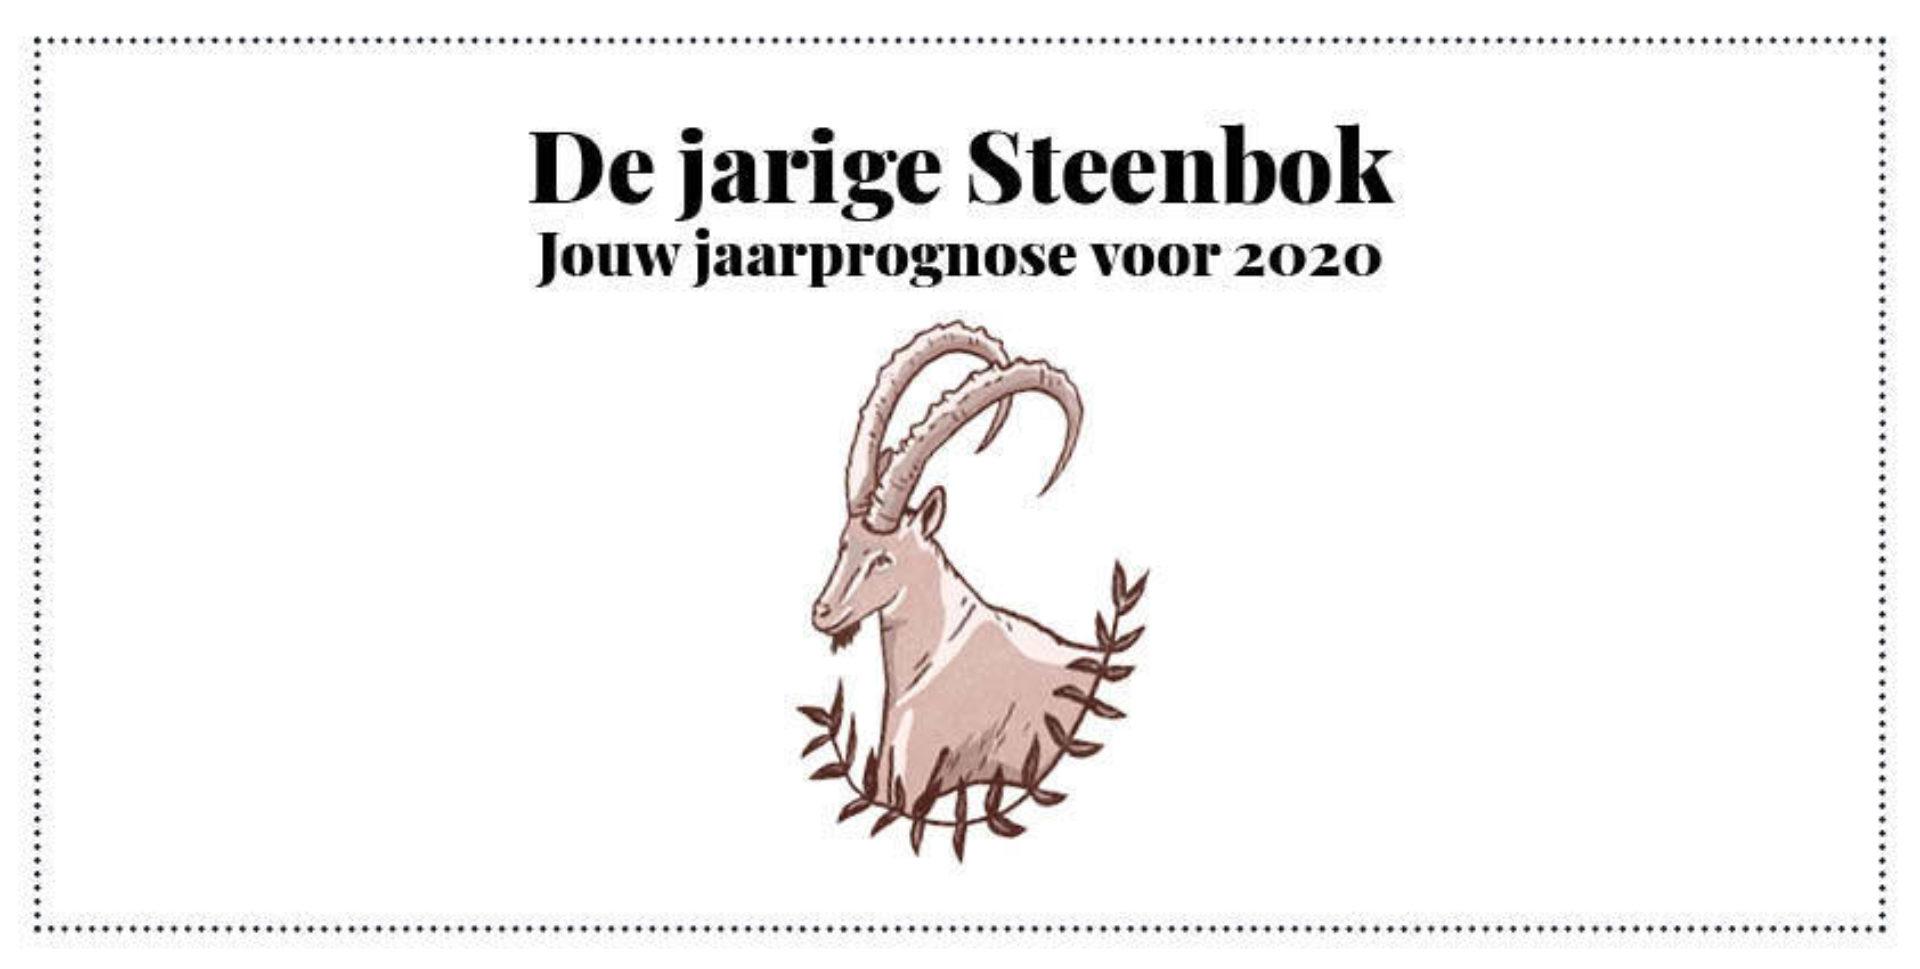 Steenbok, jouw jaarhoroscoop 2020